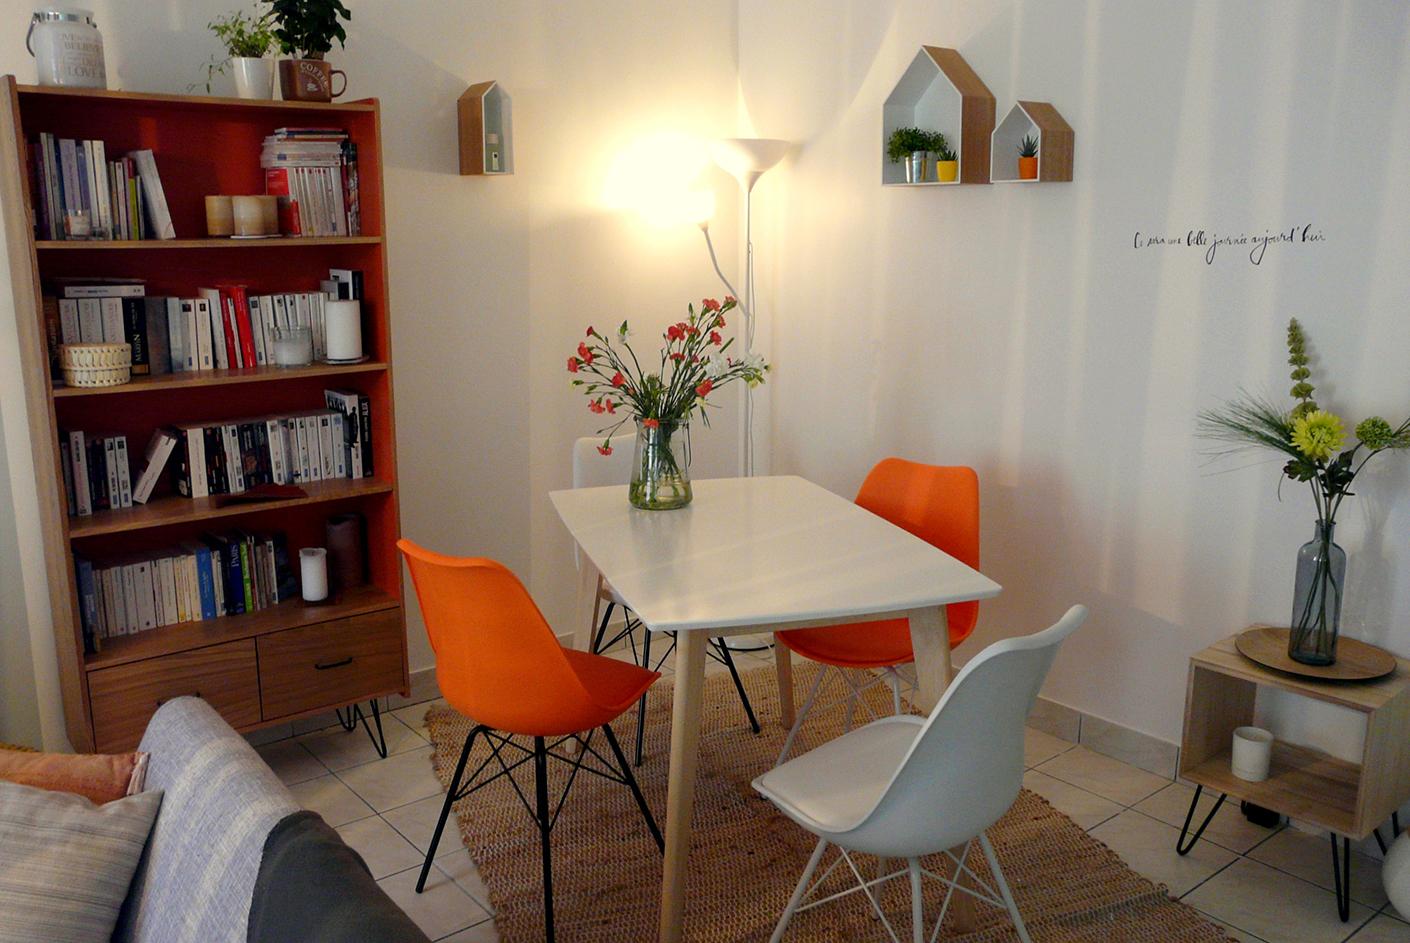 Création ambiance pièce de vie, à Lorient, style scandinave, espace repas, couleur oraange